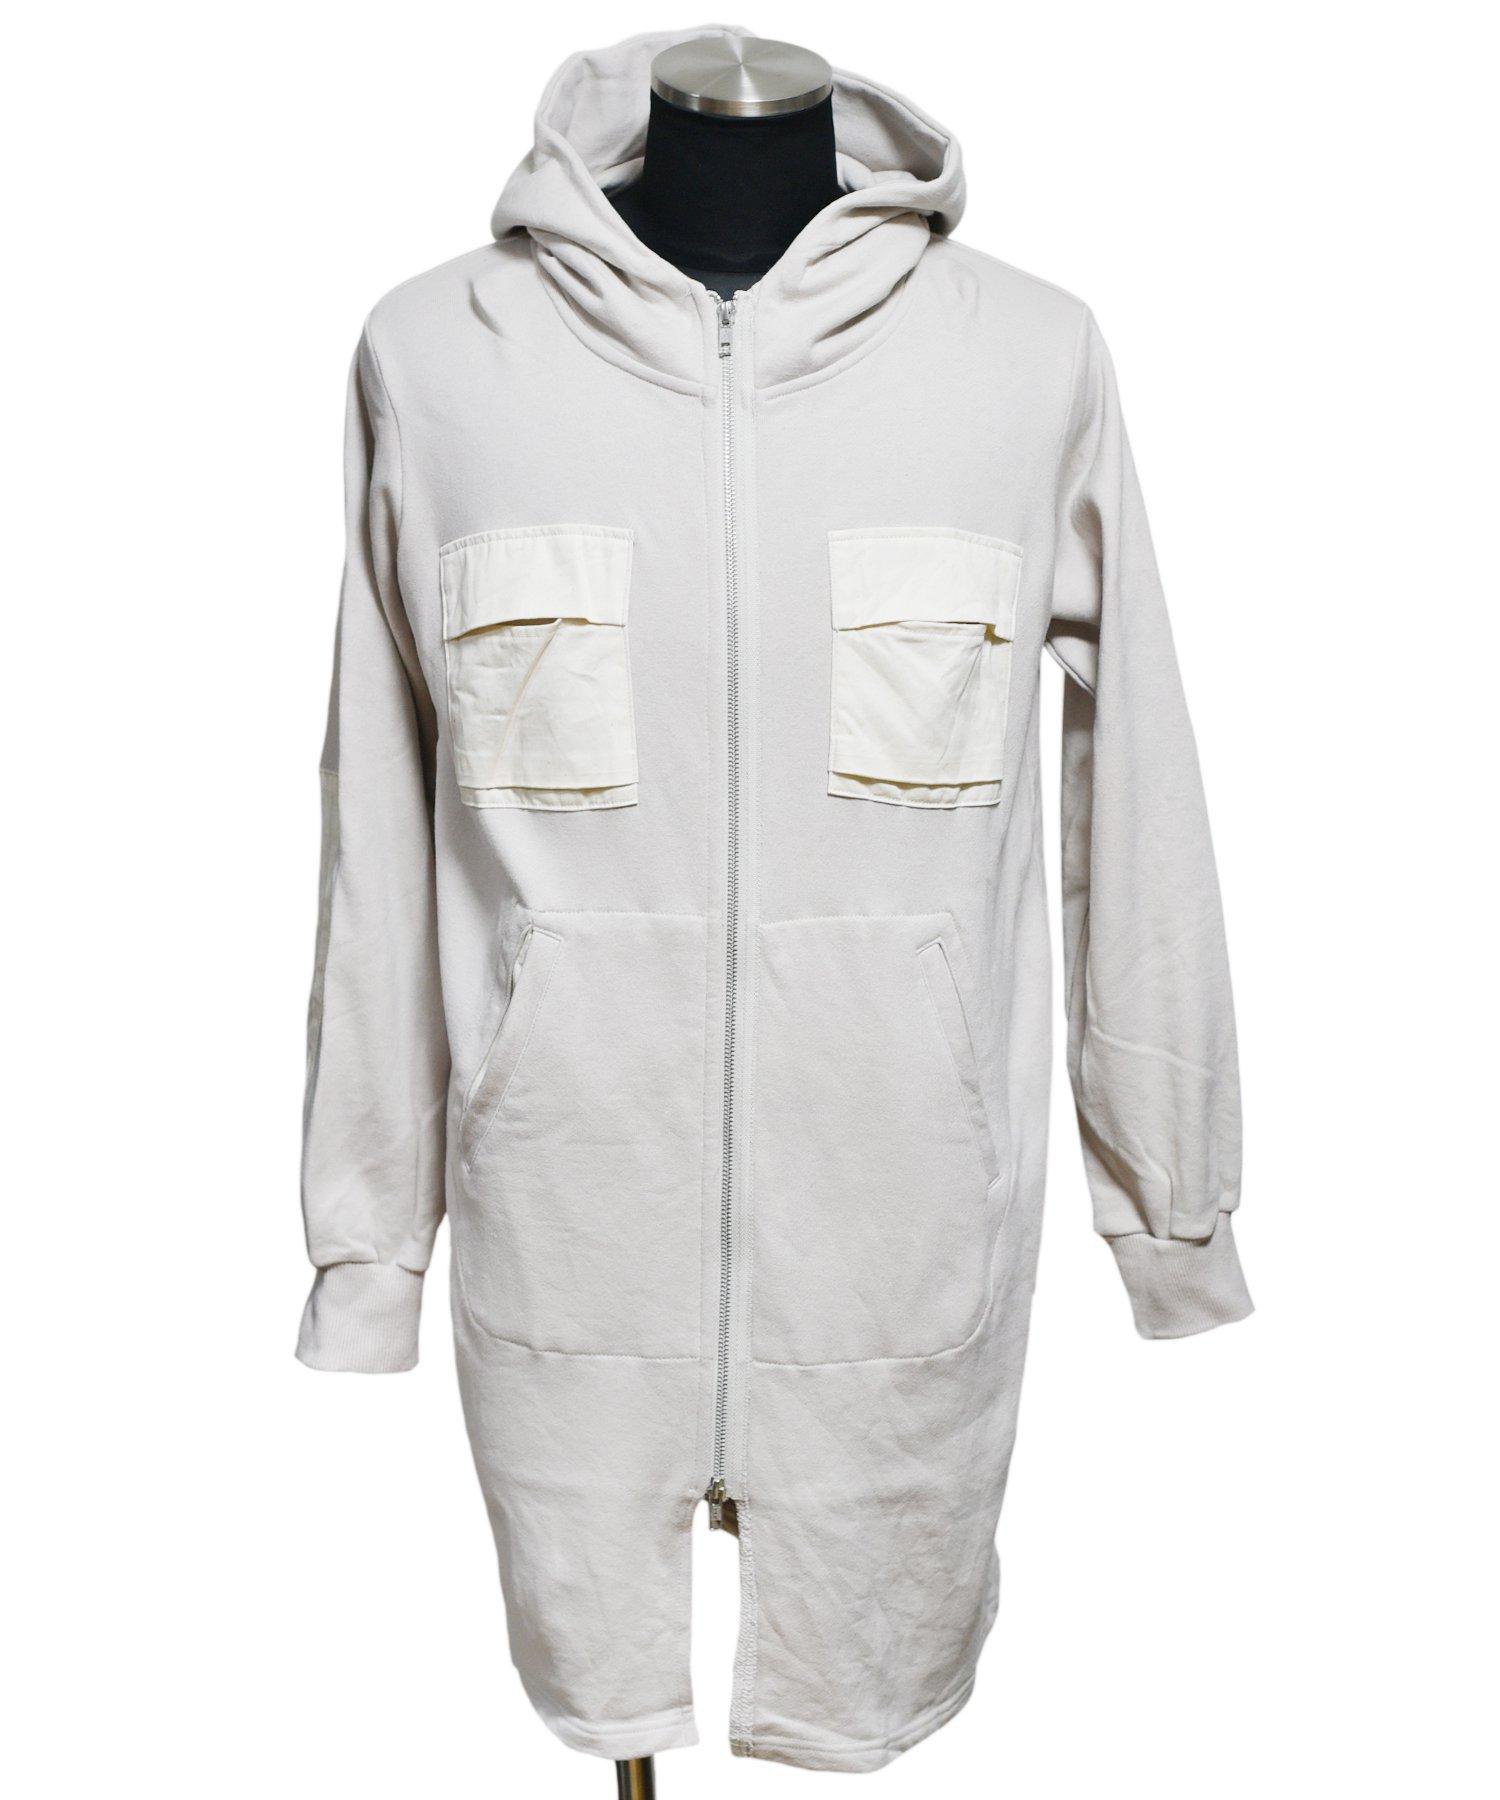 BURNOUT(バーンアウト )セミロング 胸ポケ付きジップパーカー / オイスターホワイト